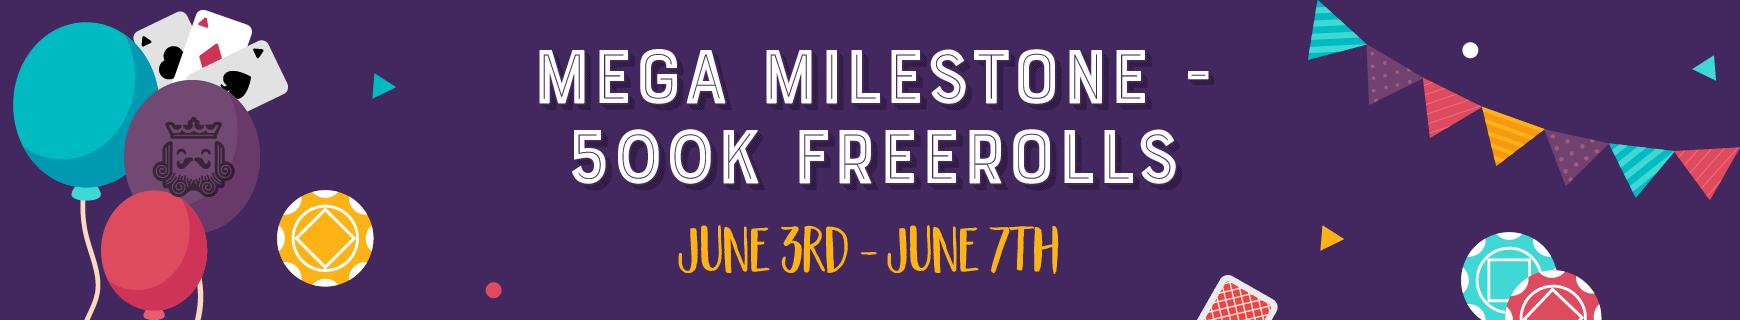 Mega milestones 500k freerolls %28870 x 160%29 2x